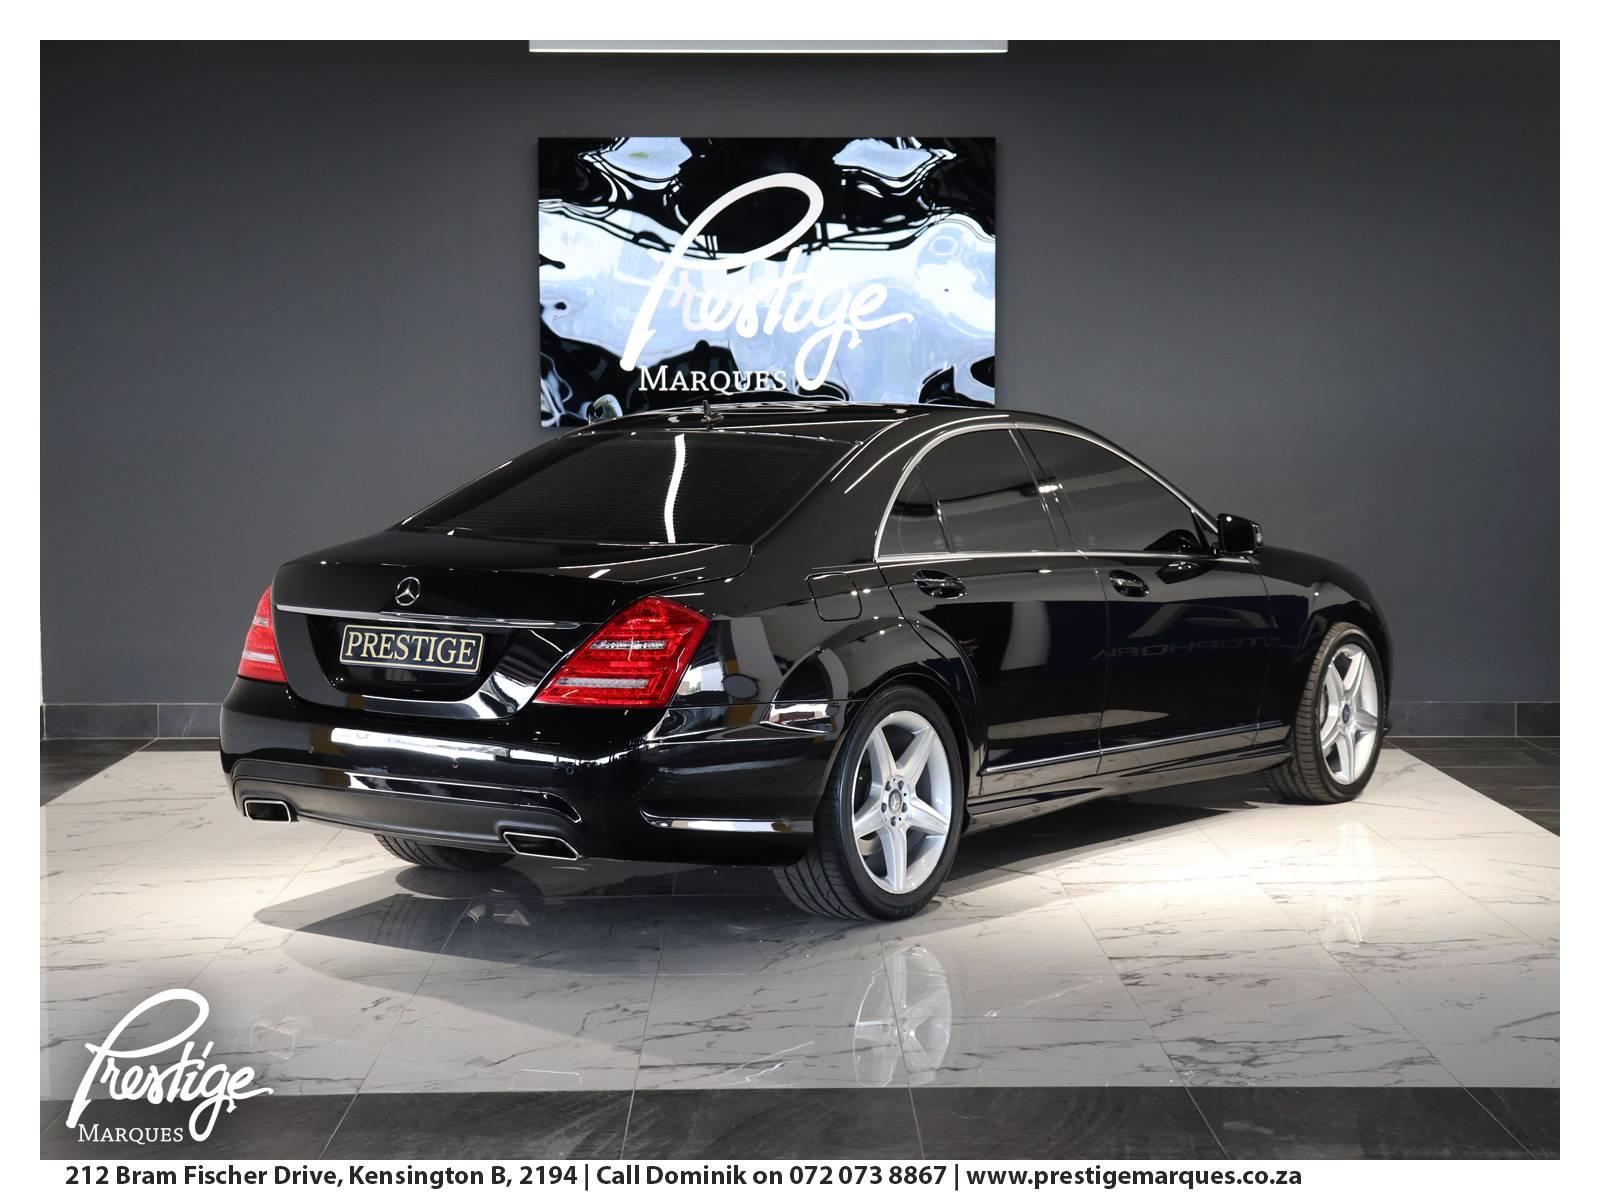 2011-Mercedes-Benz-S350-Prestige-Marques-Randburg-Sandton-3